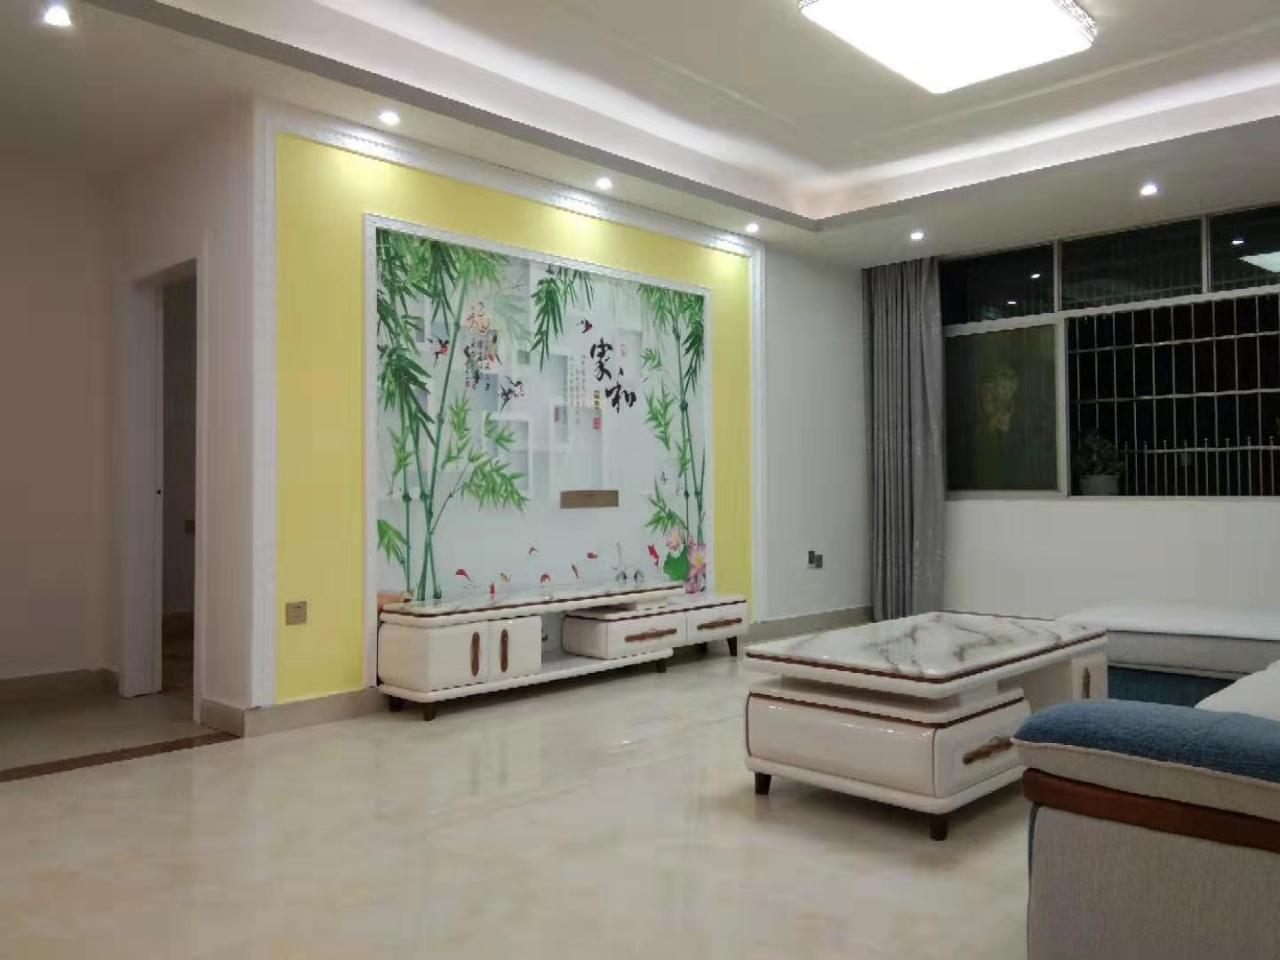 水岸新城4室 2厅 2卫79.8万元